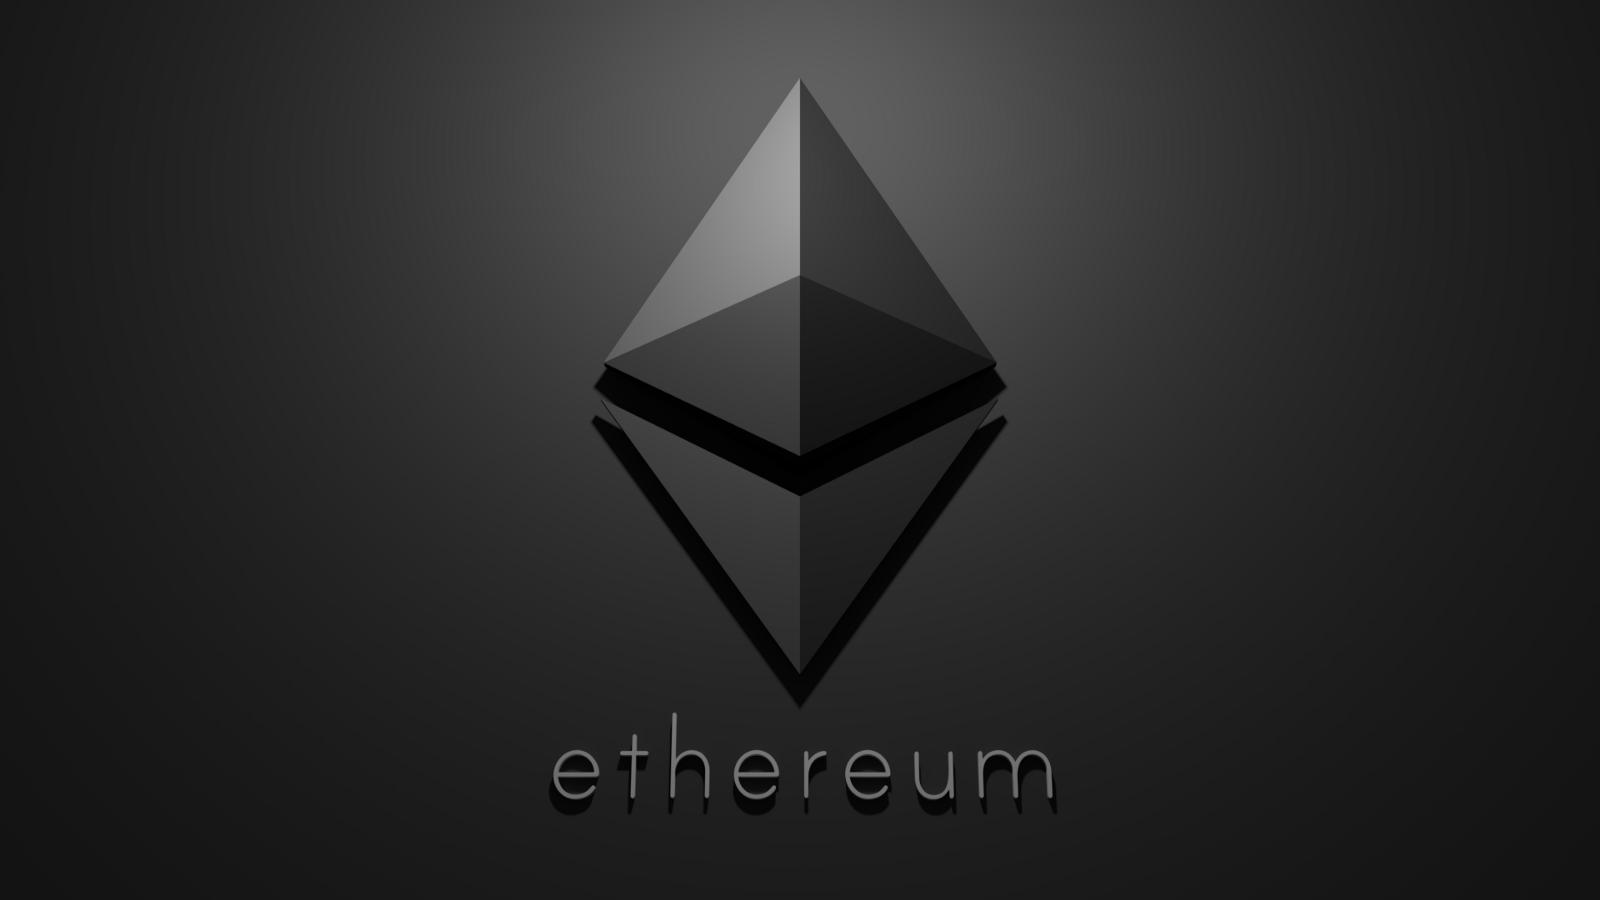 Ethereum Ege Tekiner